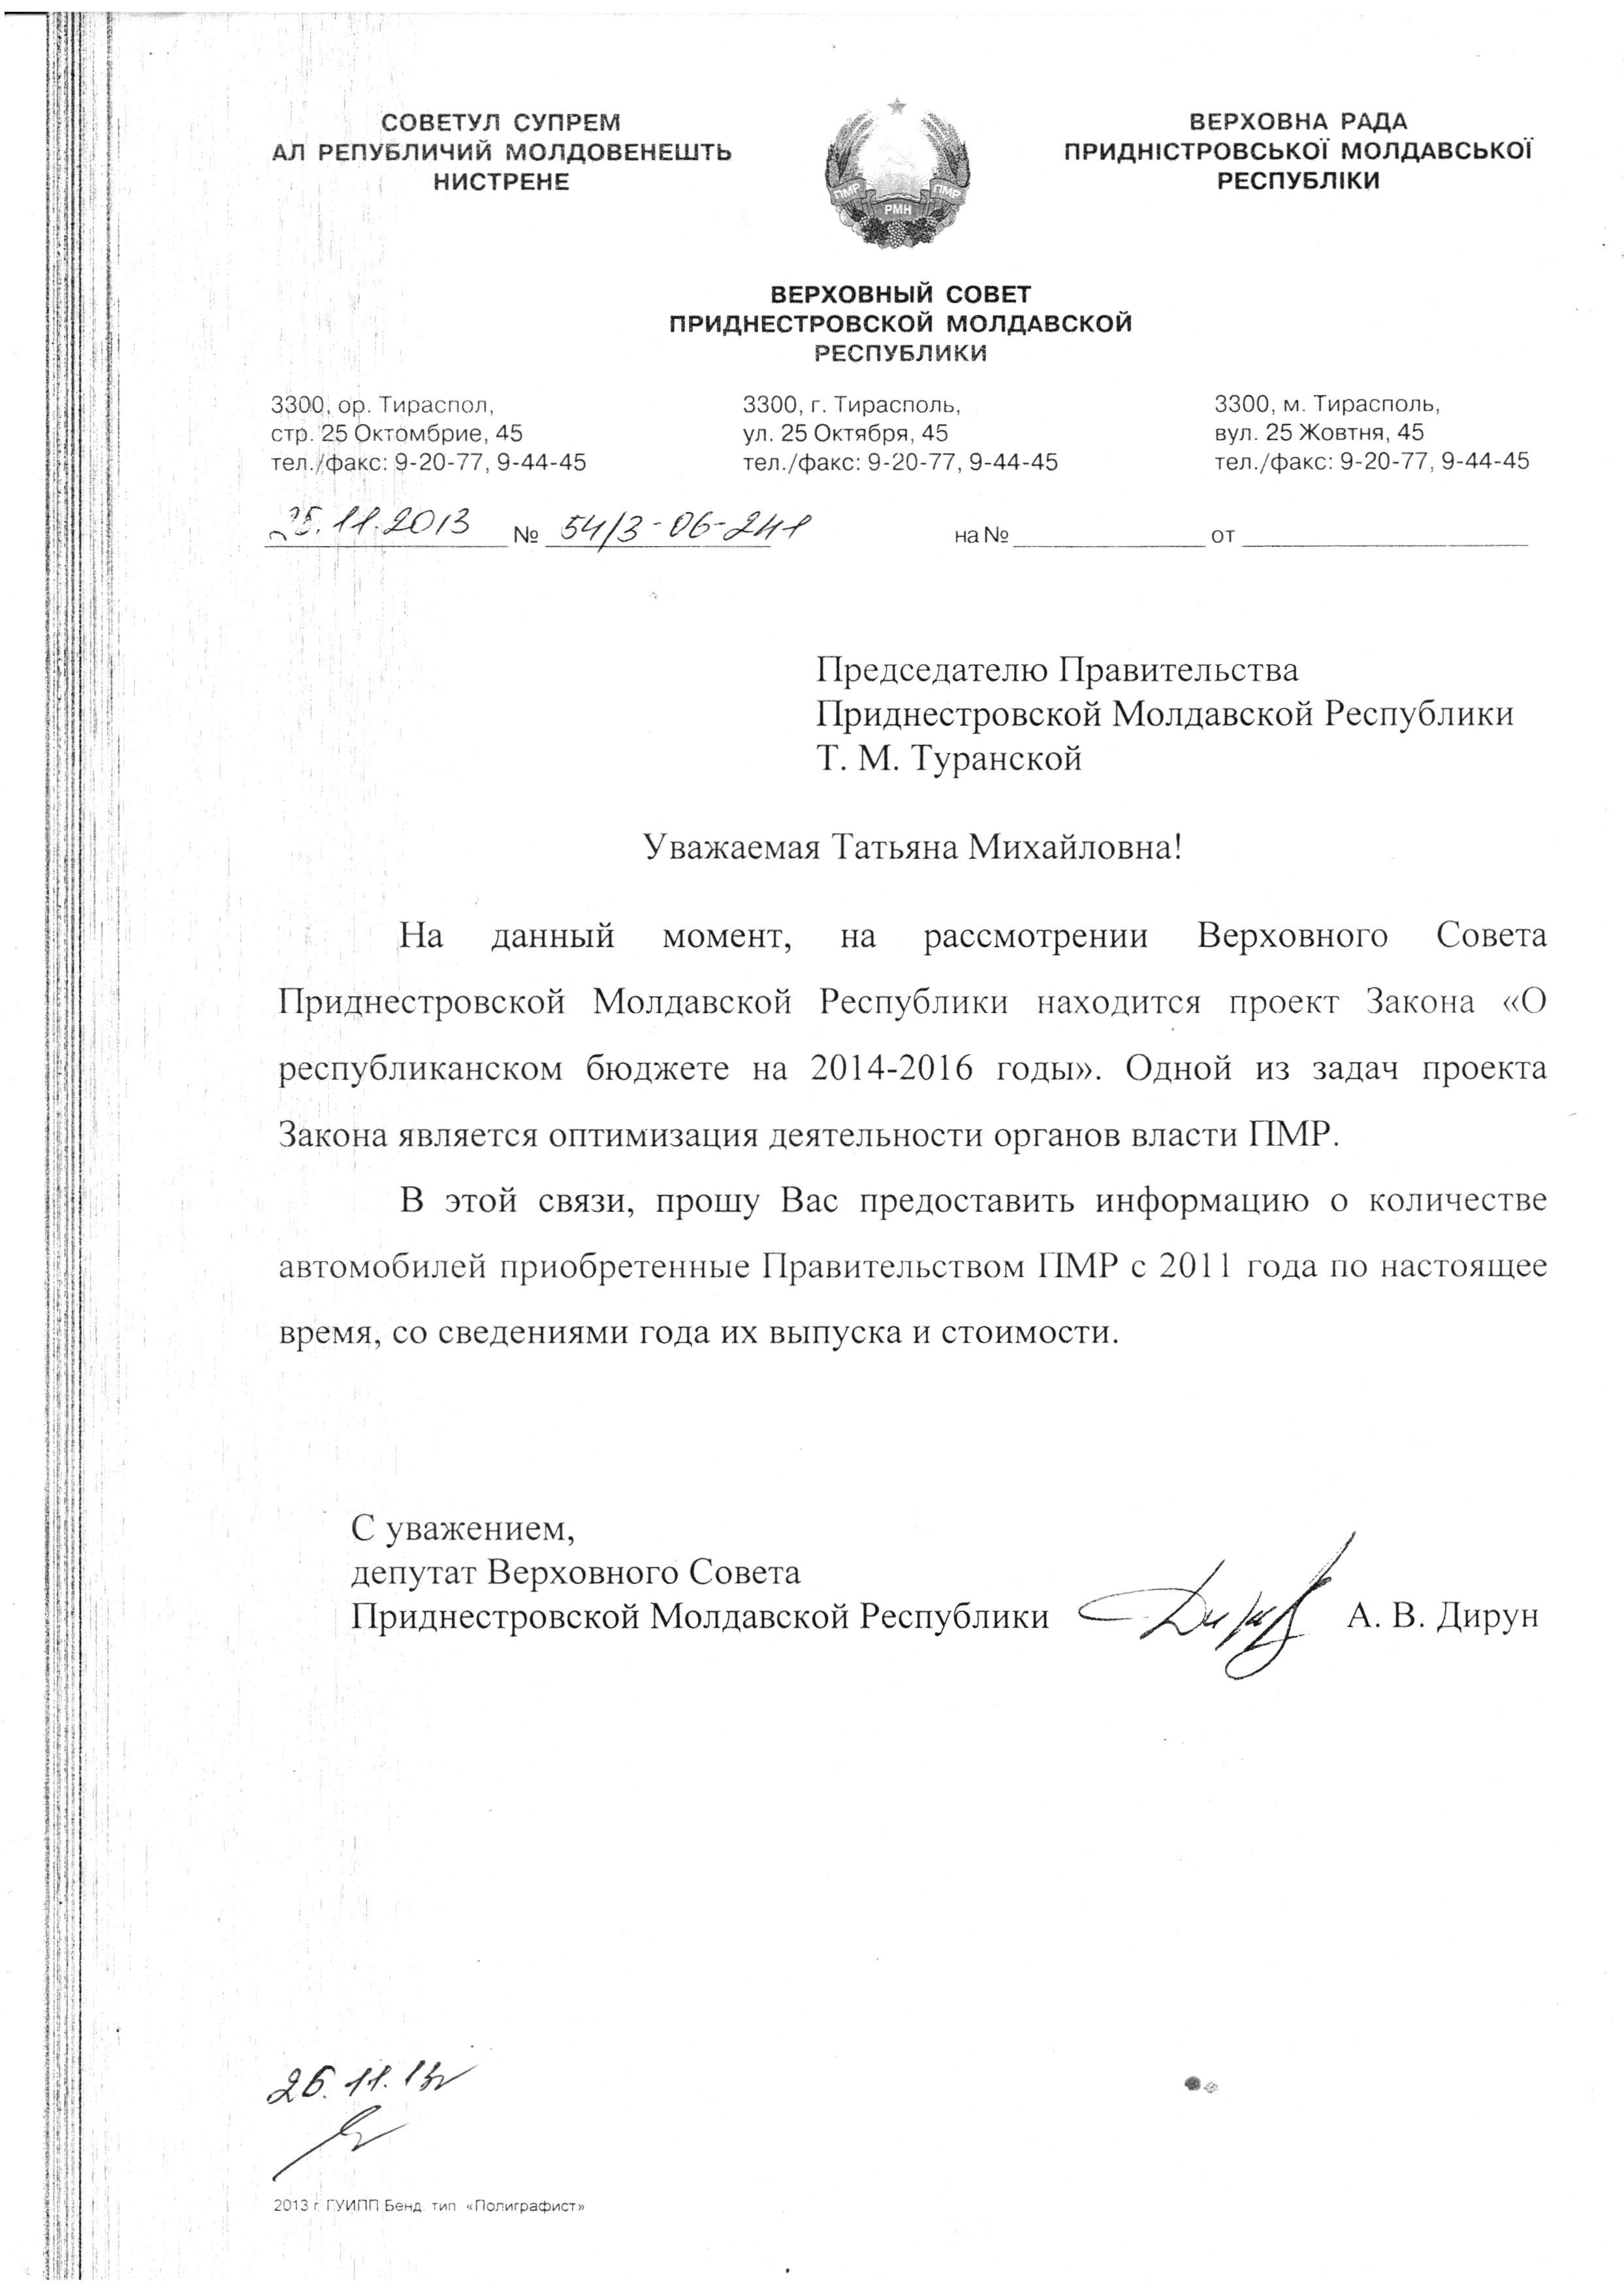 2013_deputatskii_zapros_avtomobili_4.jpg